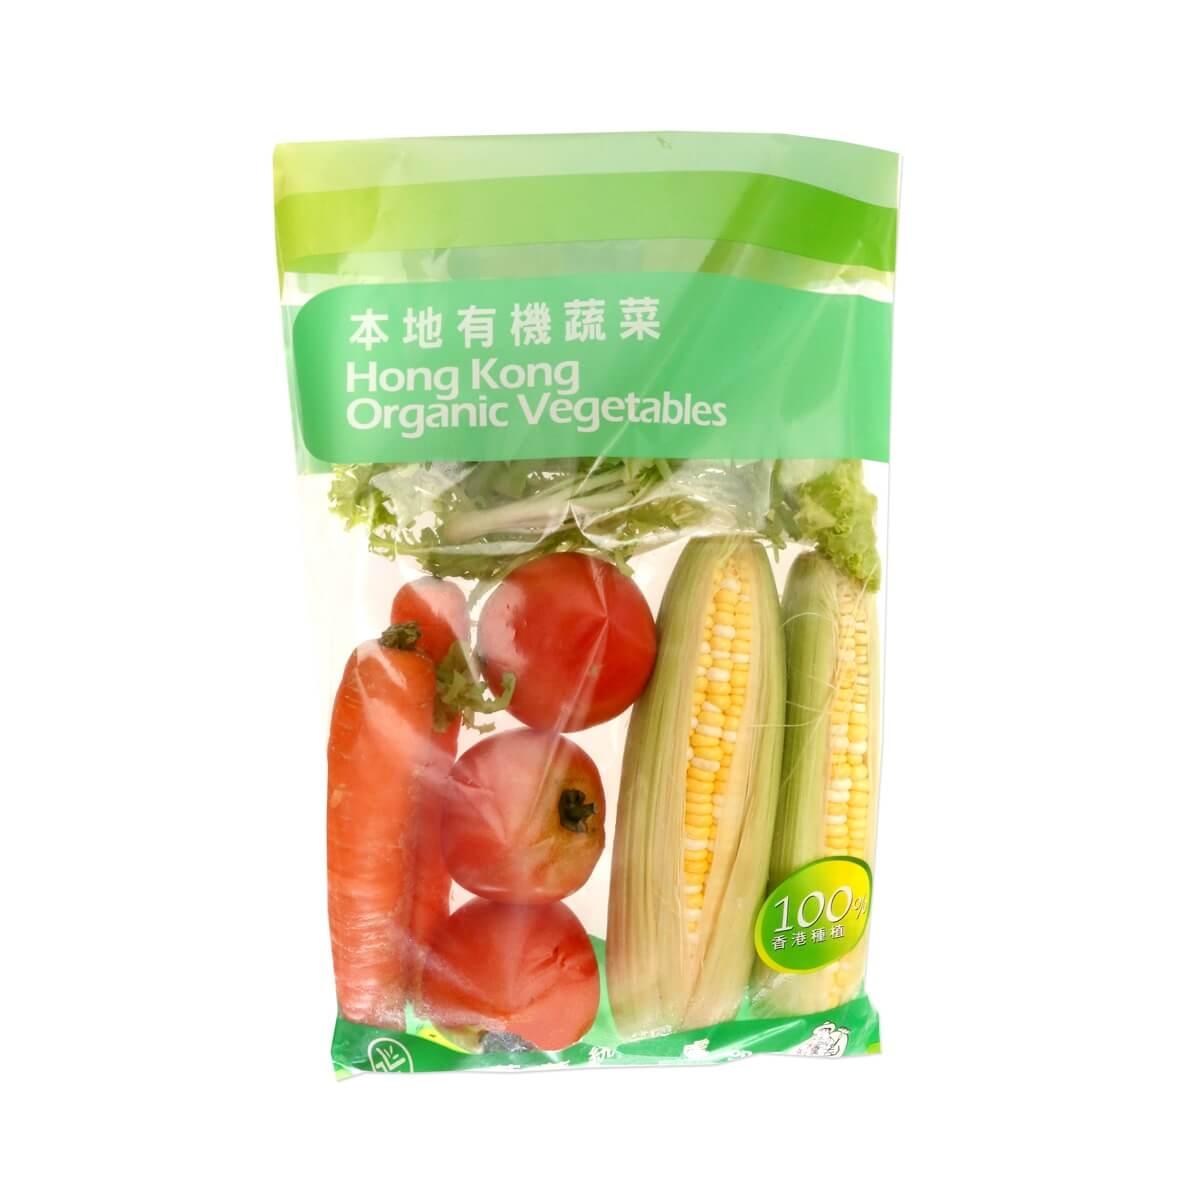 農產品包裝